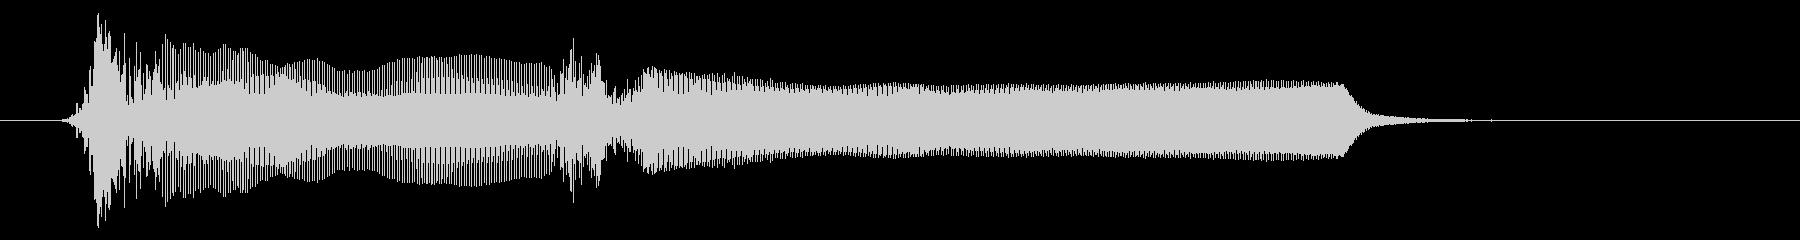 法螺貝01-5の未再生の波形